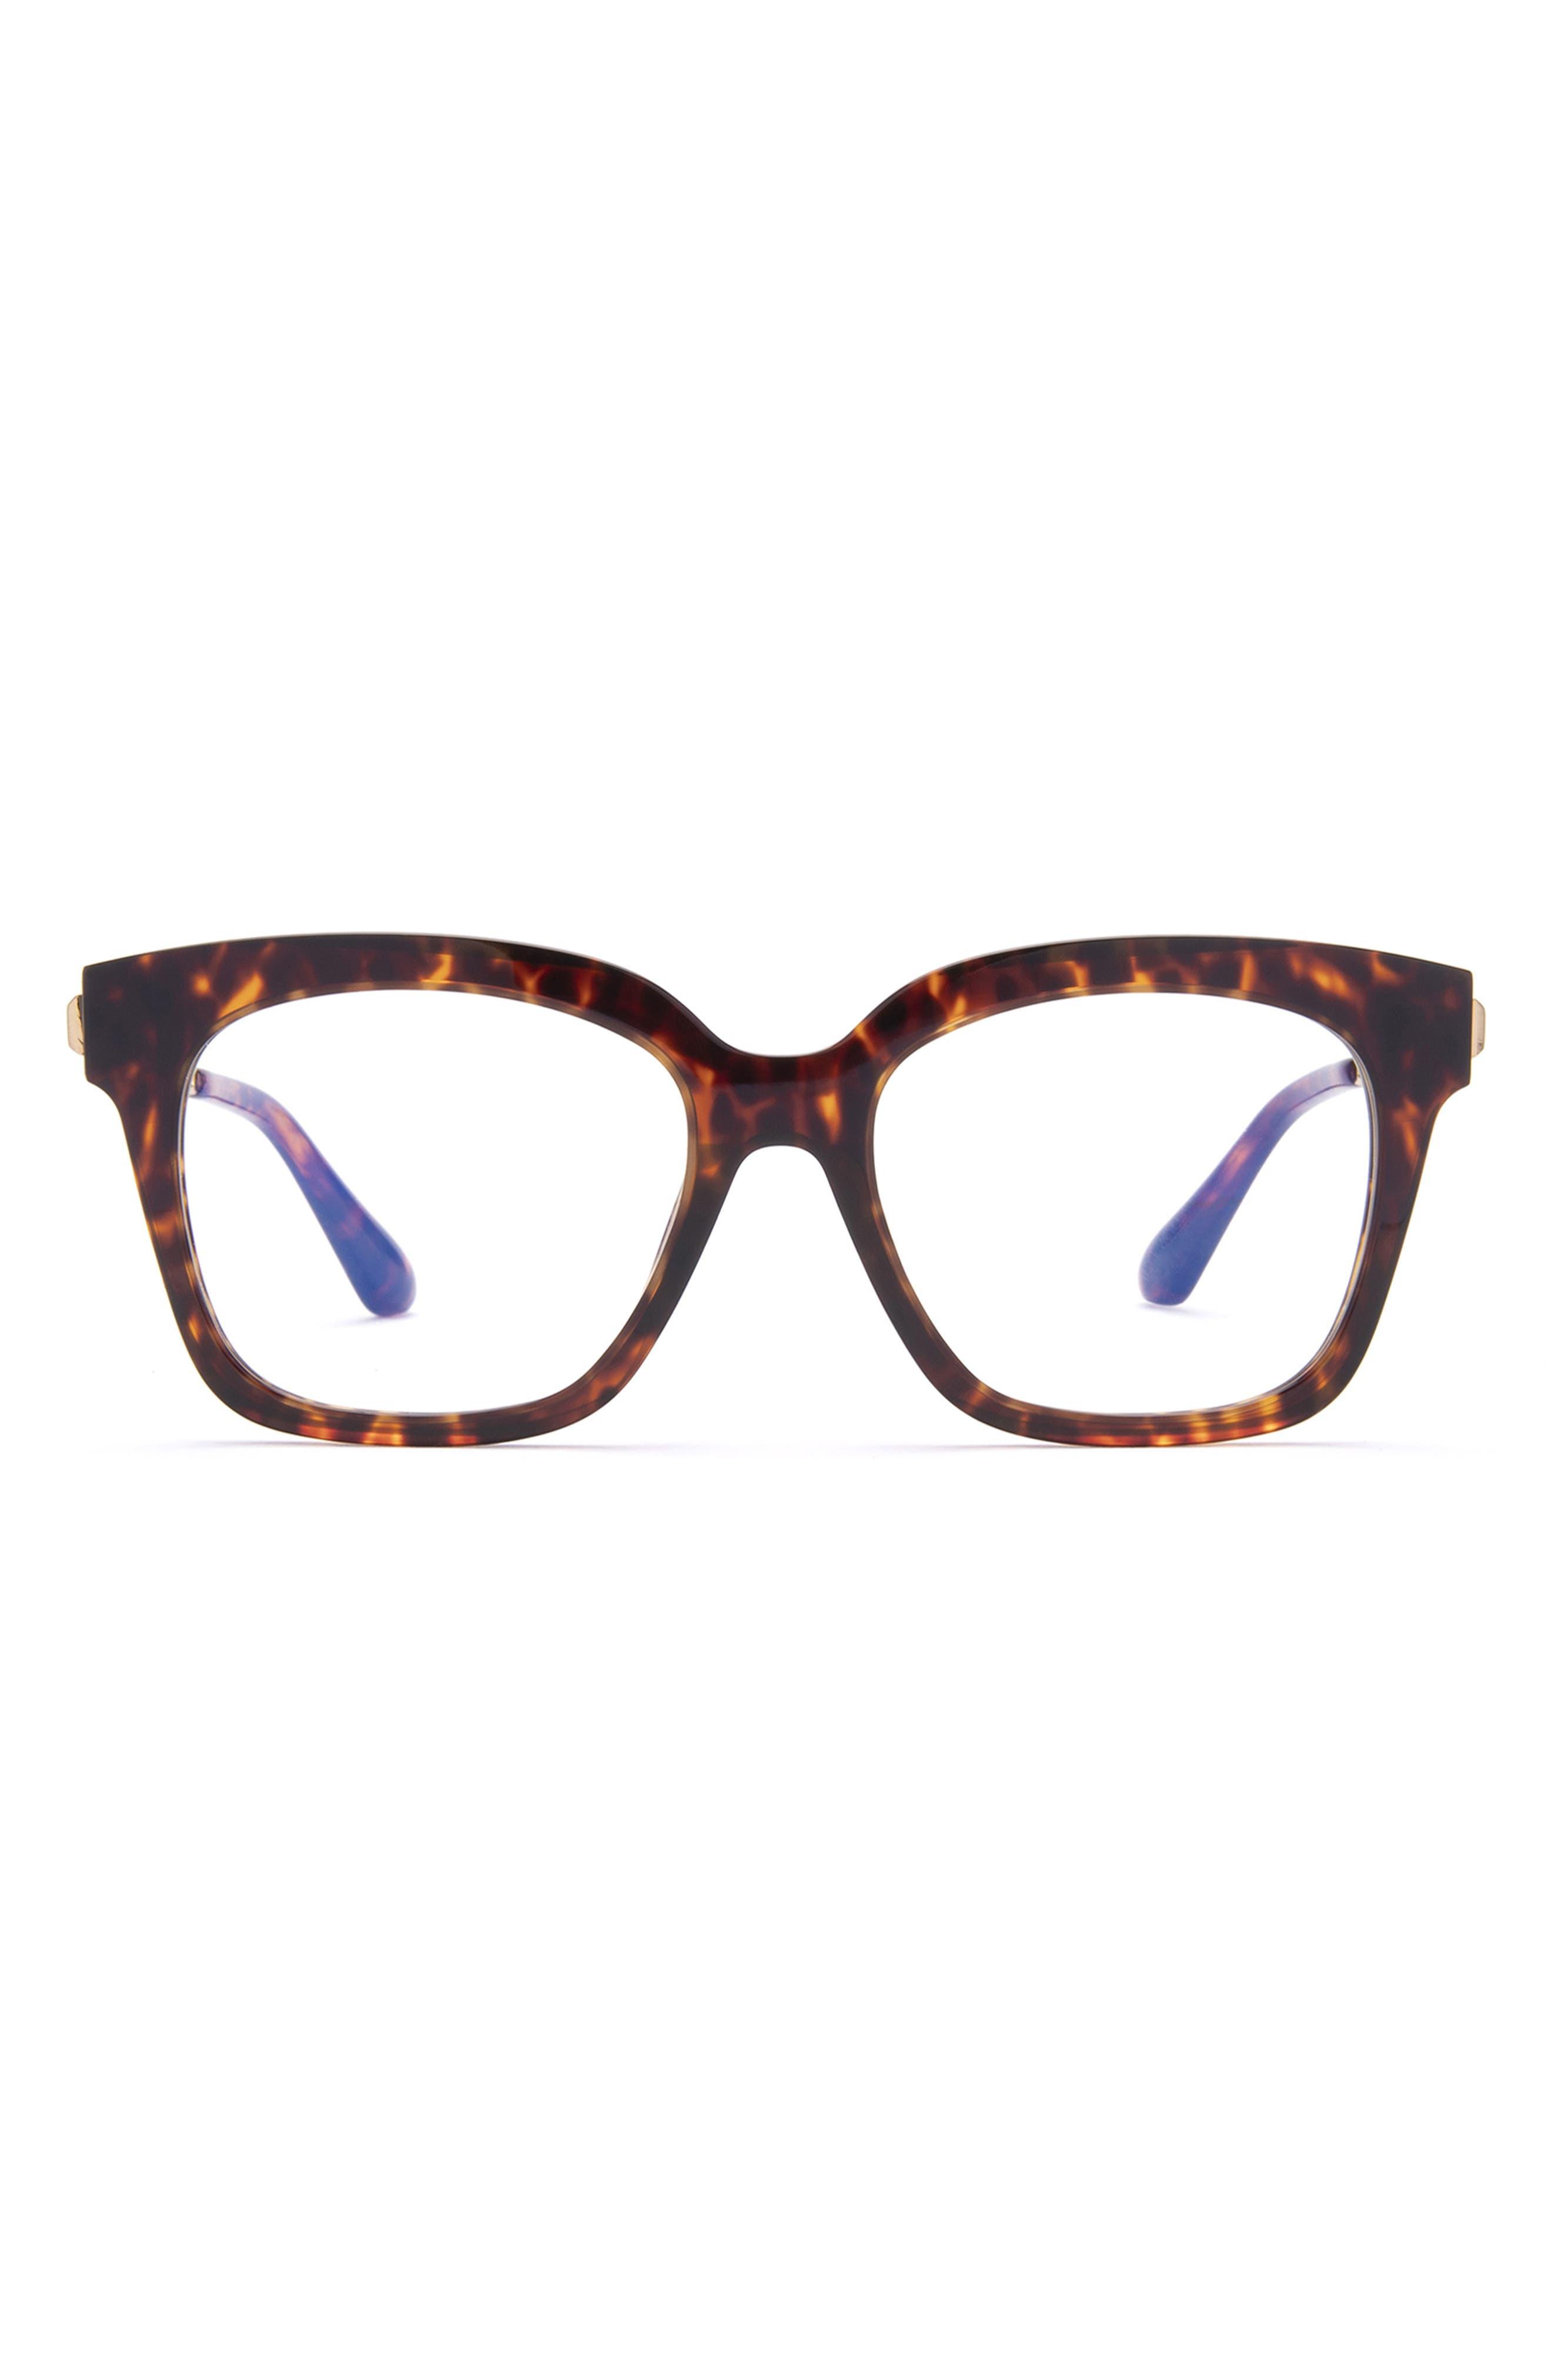 50mm Bella Optical Glasses